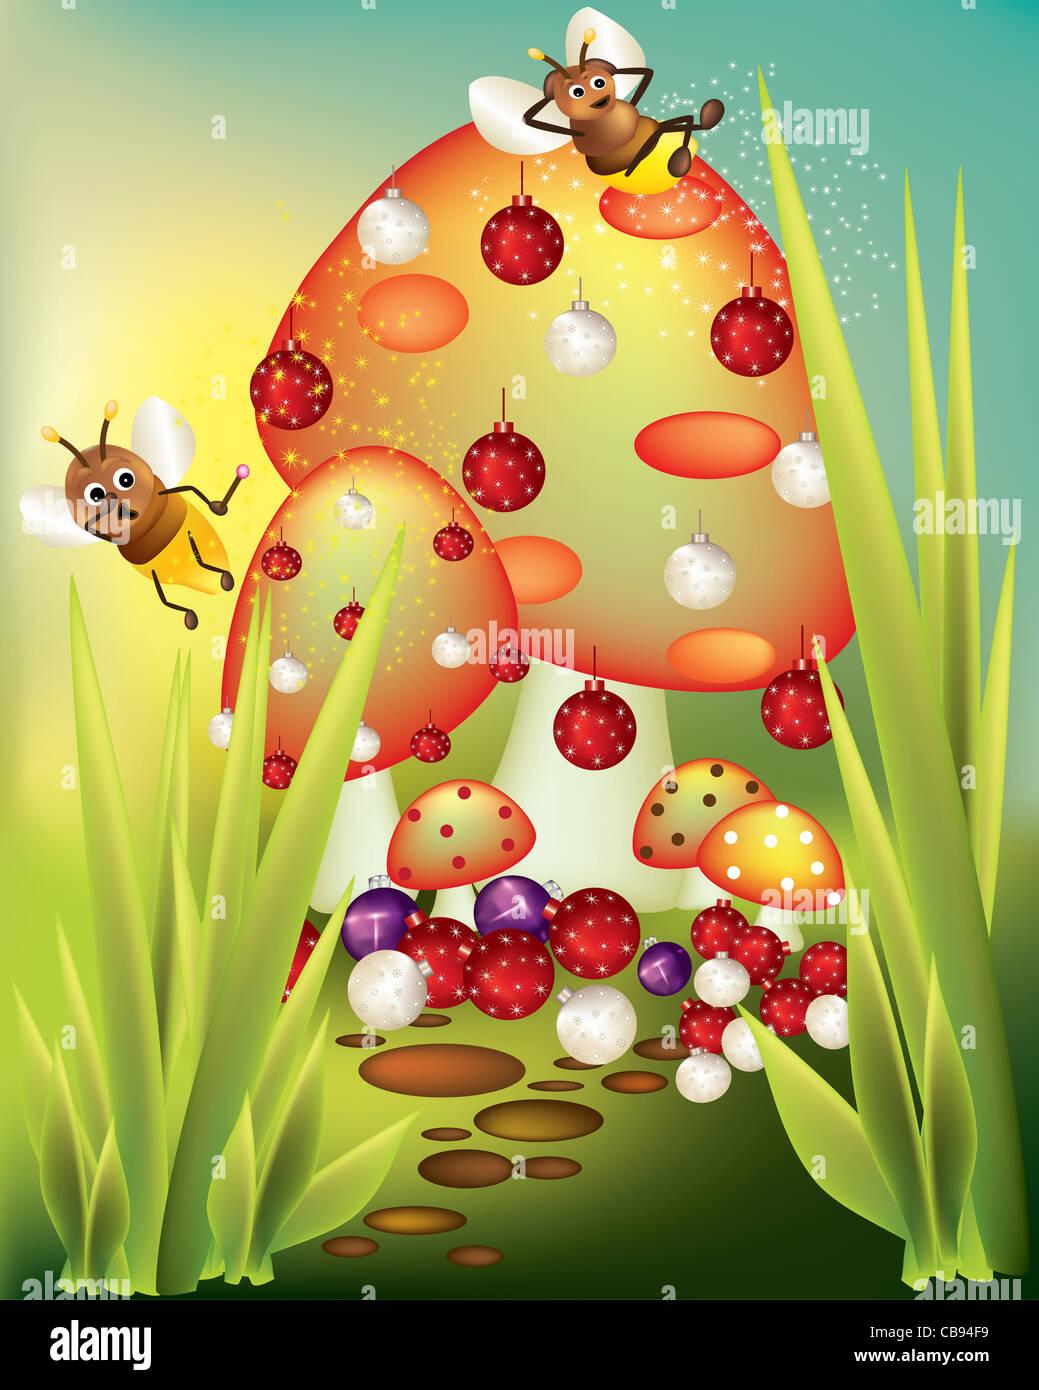 Weihnachten im Wunderland Stockbild